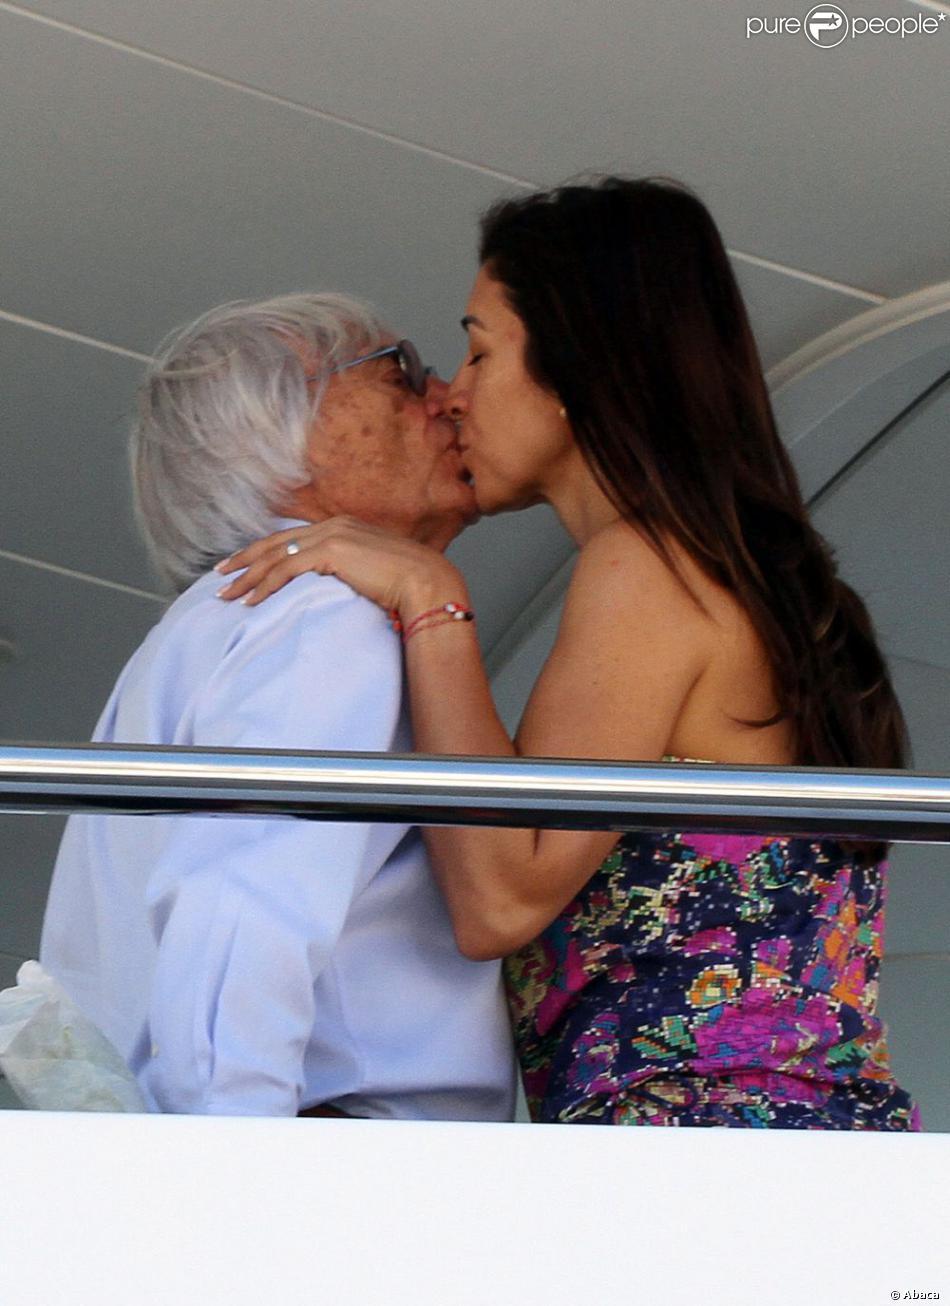 Bernie Ecclestone et sa très jeune épouse Fabiana Flosi, amoureux à Trogir en Croatie le 1er août 2013